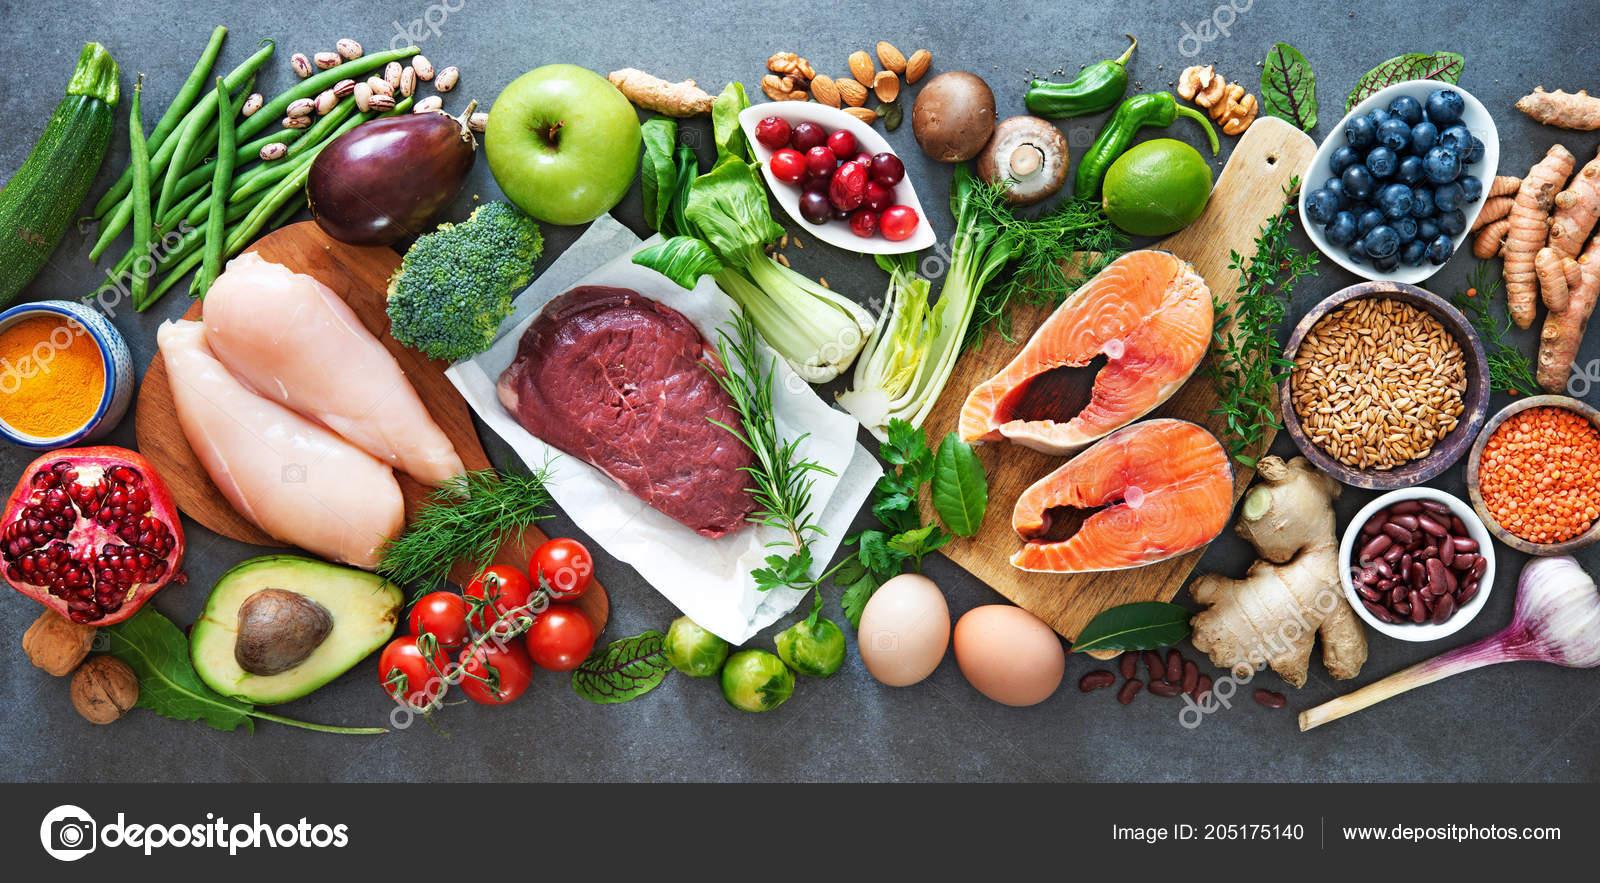 4d0f0fb7a47bd5 Збалансована дієта харчування фону. Органічні продукти харчування для  здорового харчування, суперпродукт, м'яса, риби, бобові, горіхи, насіння,  ...